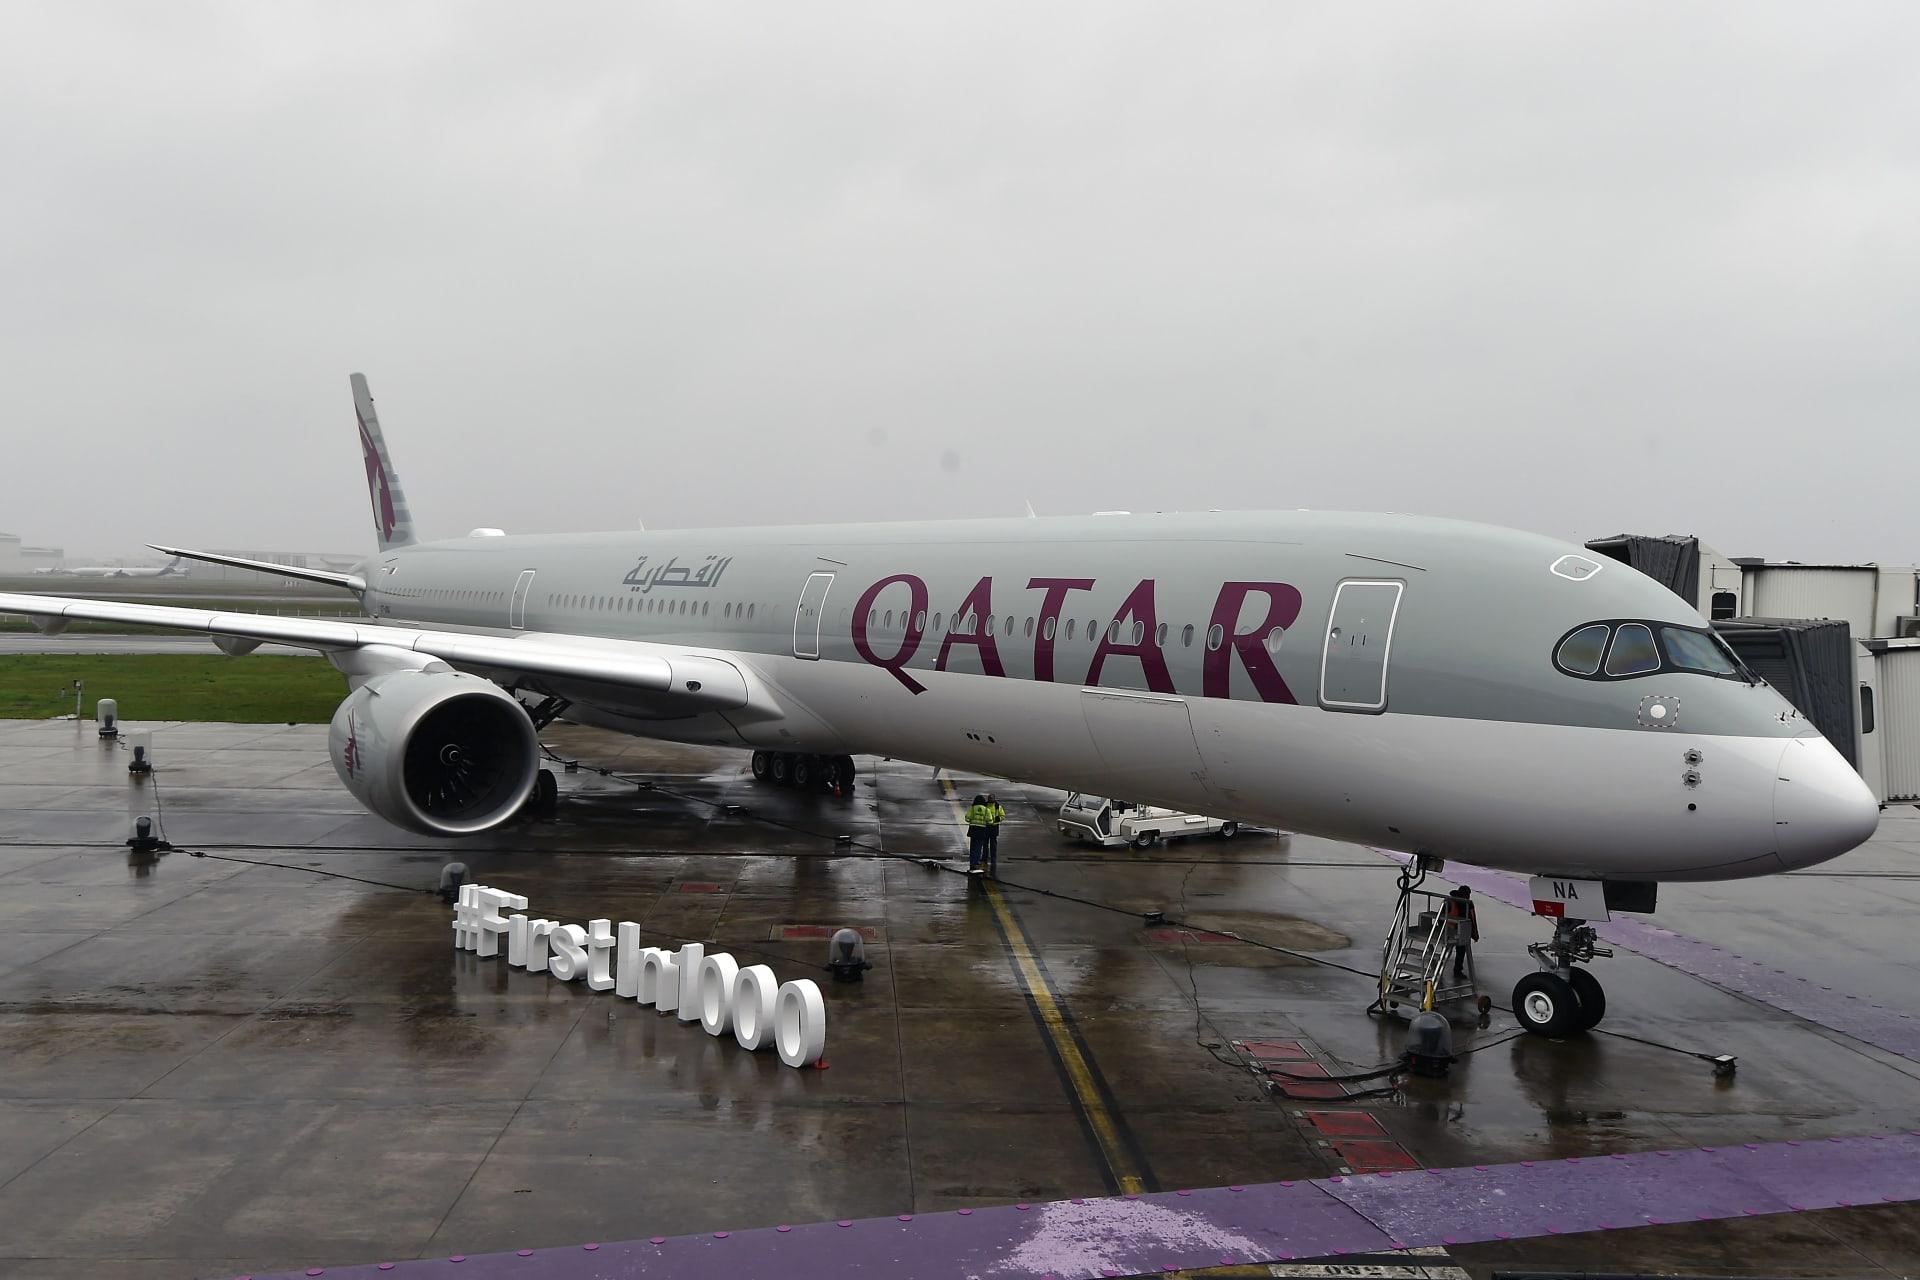 الخطوط الجوية القطرية تطالب الدول الأربع بتعويض بمليارات الدولارات على الأضرار الناجمة عن المقاطعة